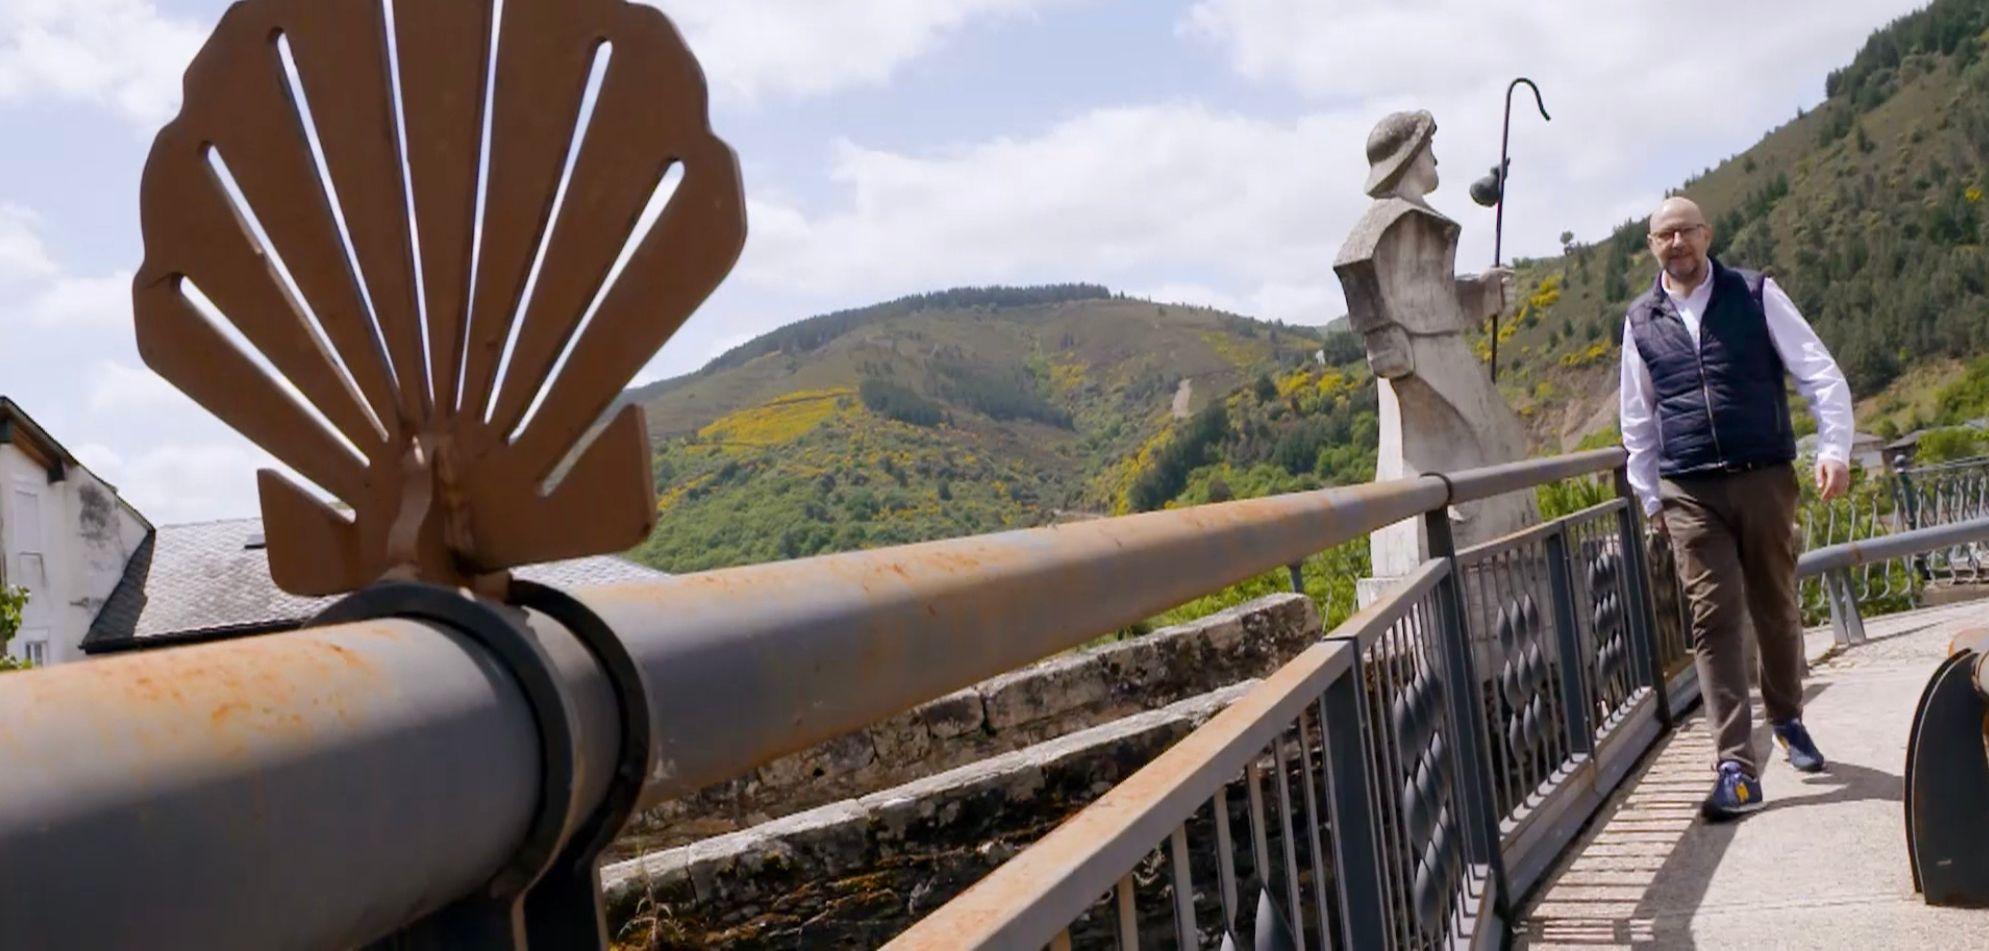 Viajeros Cuatro emite el viernes un programa dedicado al Camino de Santiago que arrancará en Villafranca del Bierzo 5